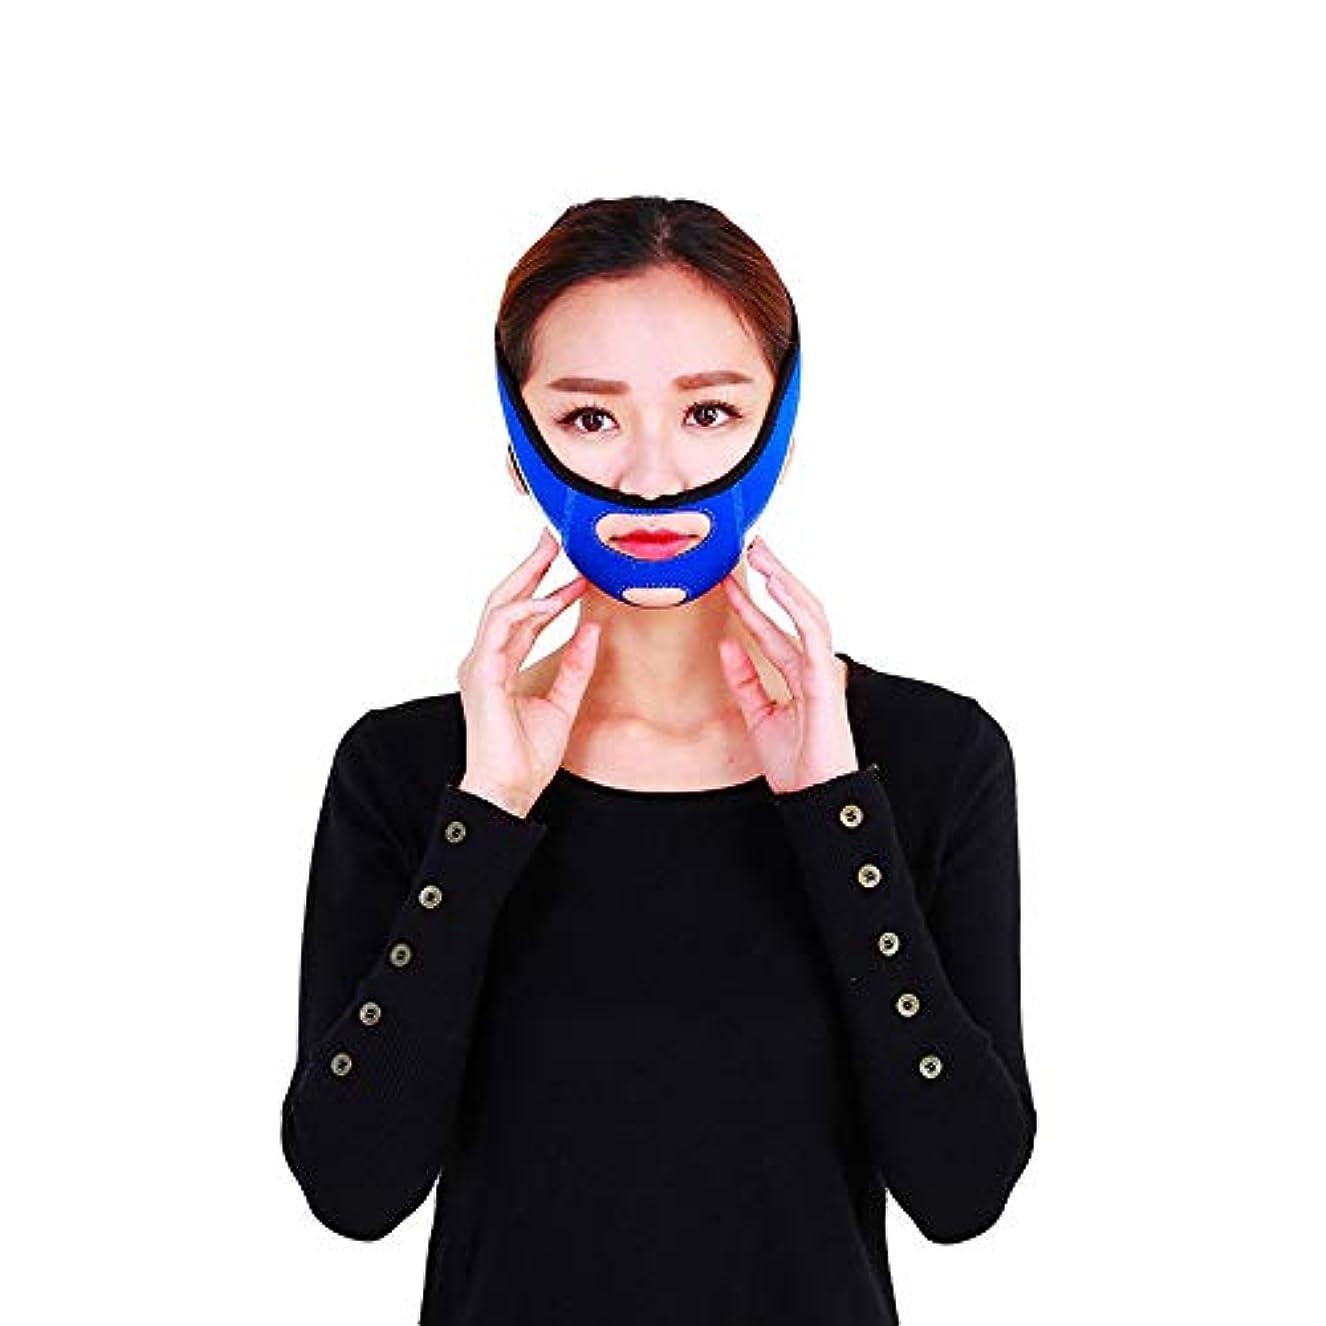 焼くぎこちない金銭的Jia Jia- フェイシャルリフティング痩身ベルトフェーススリム二重あごを取り除くアンチエイジングリンクルフェイス包帯マスク整形マスクが顔を引き締める 顔面包帯